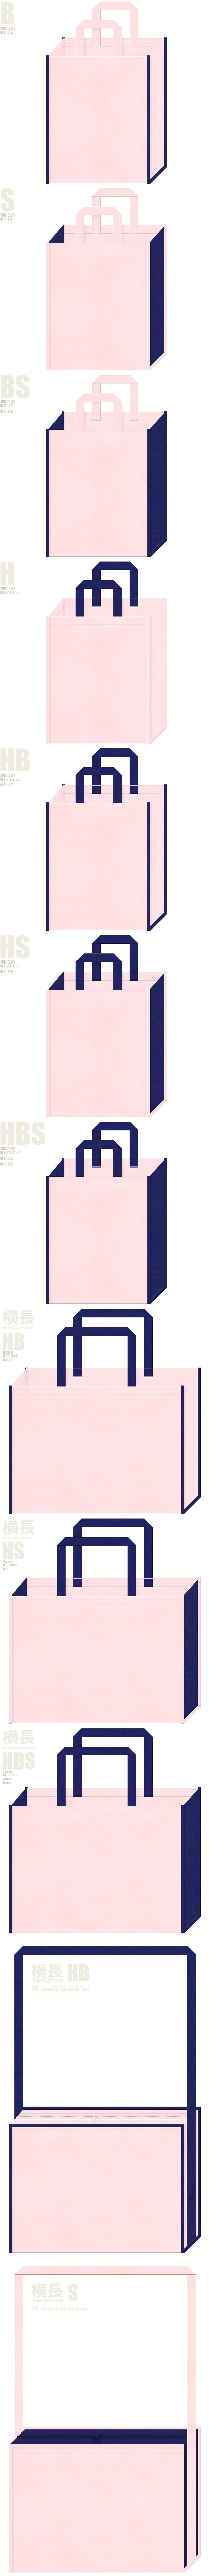 学校・オープンキャンパスにお奨めの不織布バッグデザイン:桜色と明るい紺色の配色7パターン。